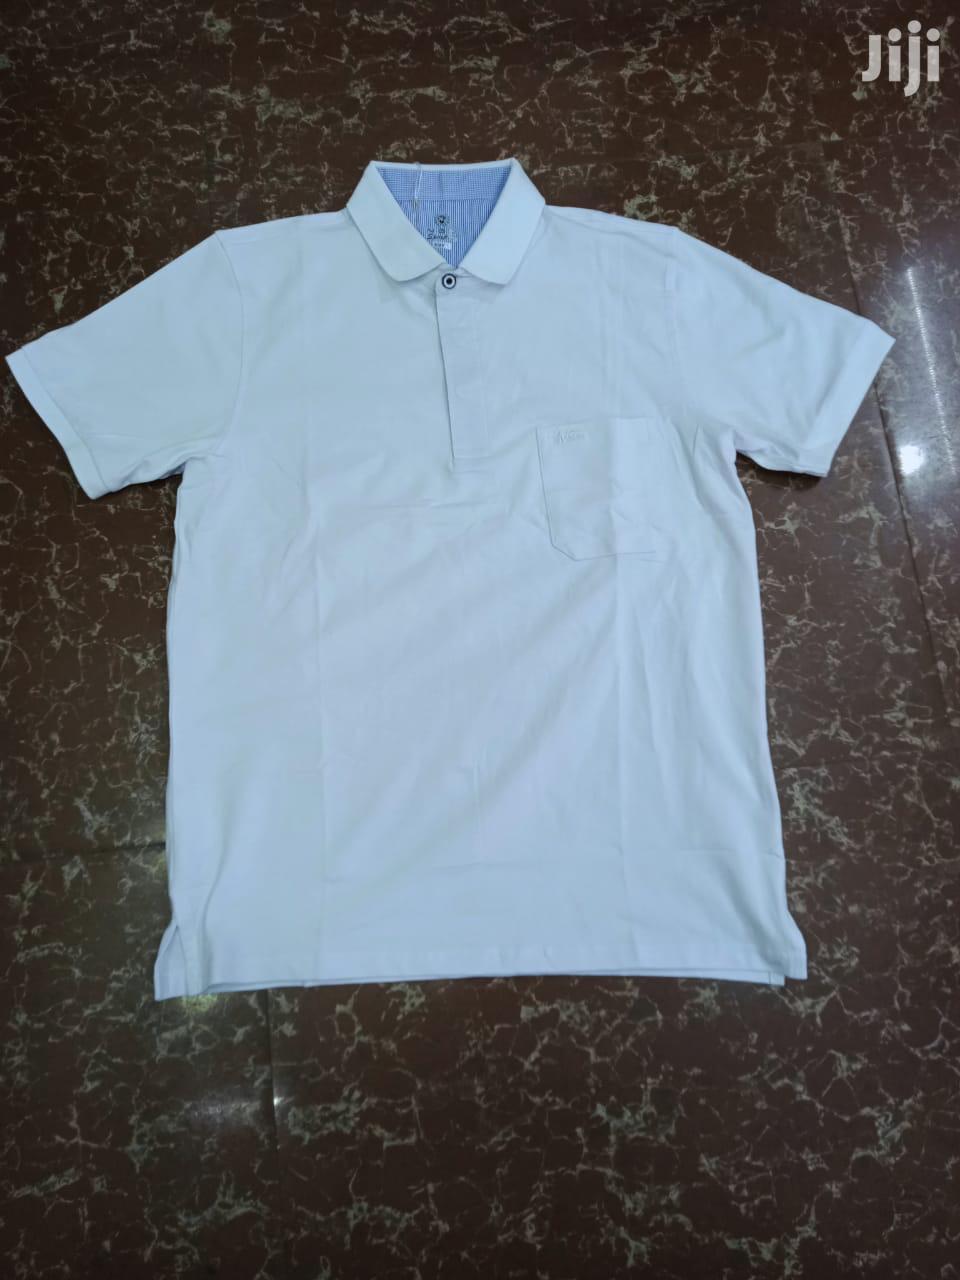 Simple Polo Tshirts